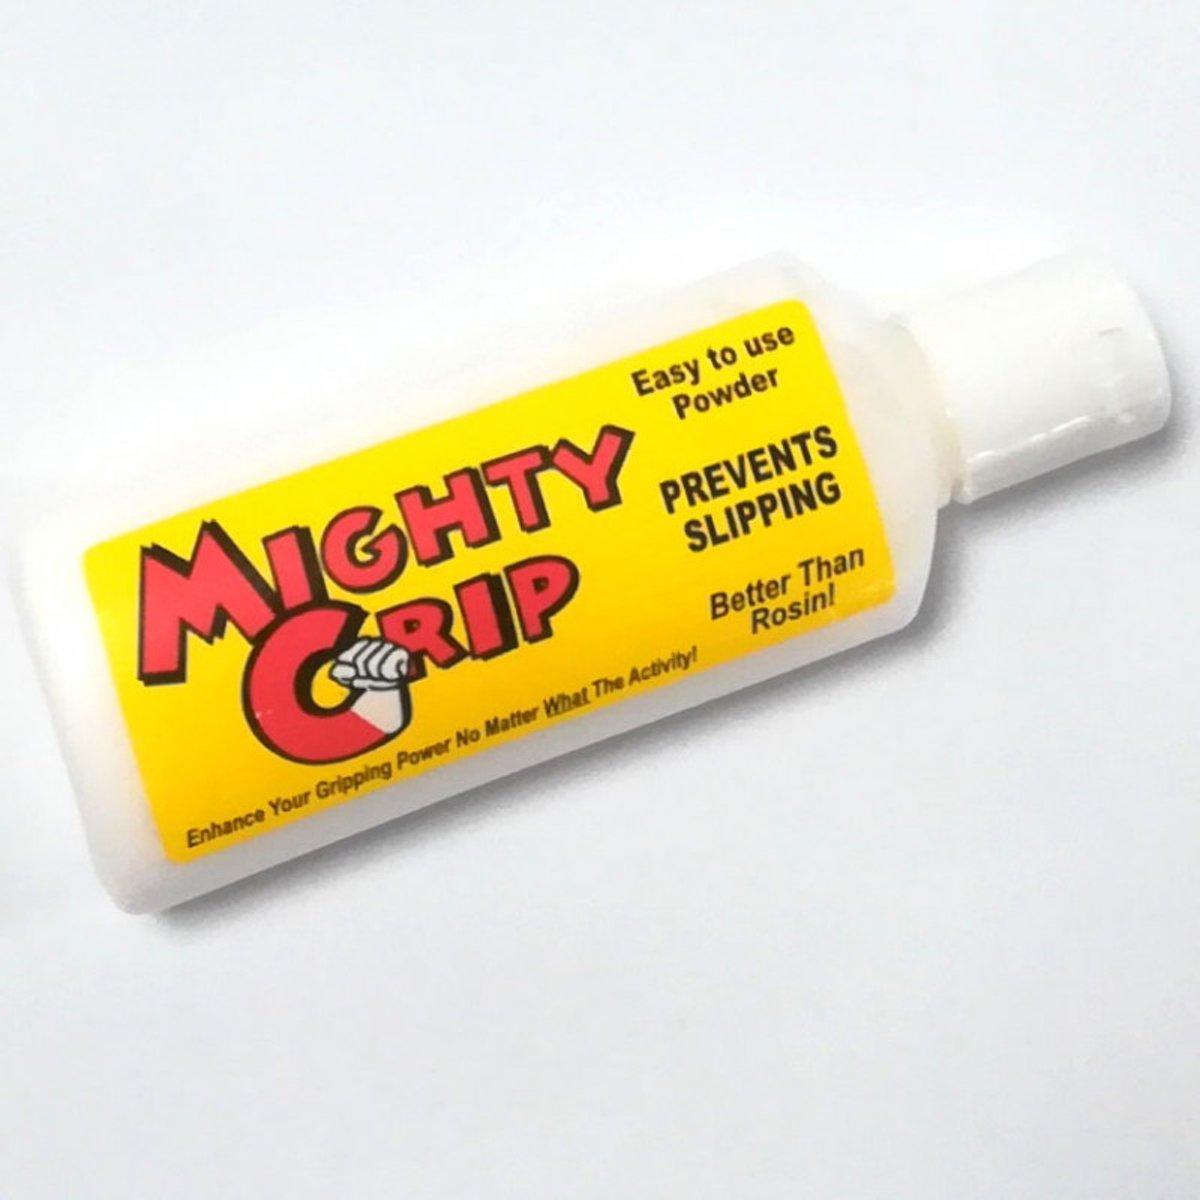 Mighty Grip Poeder